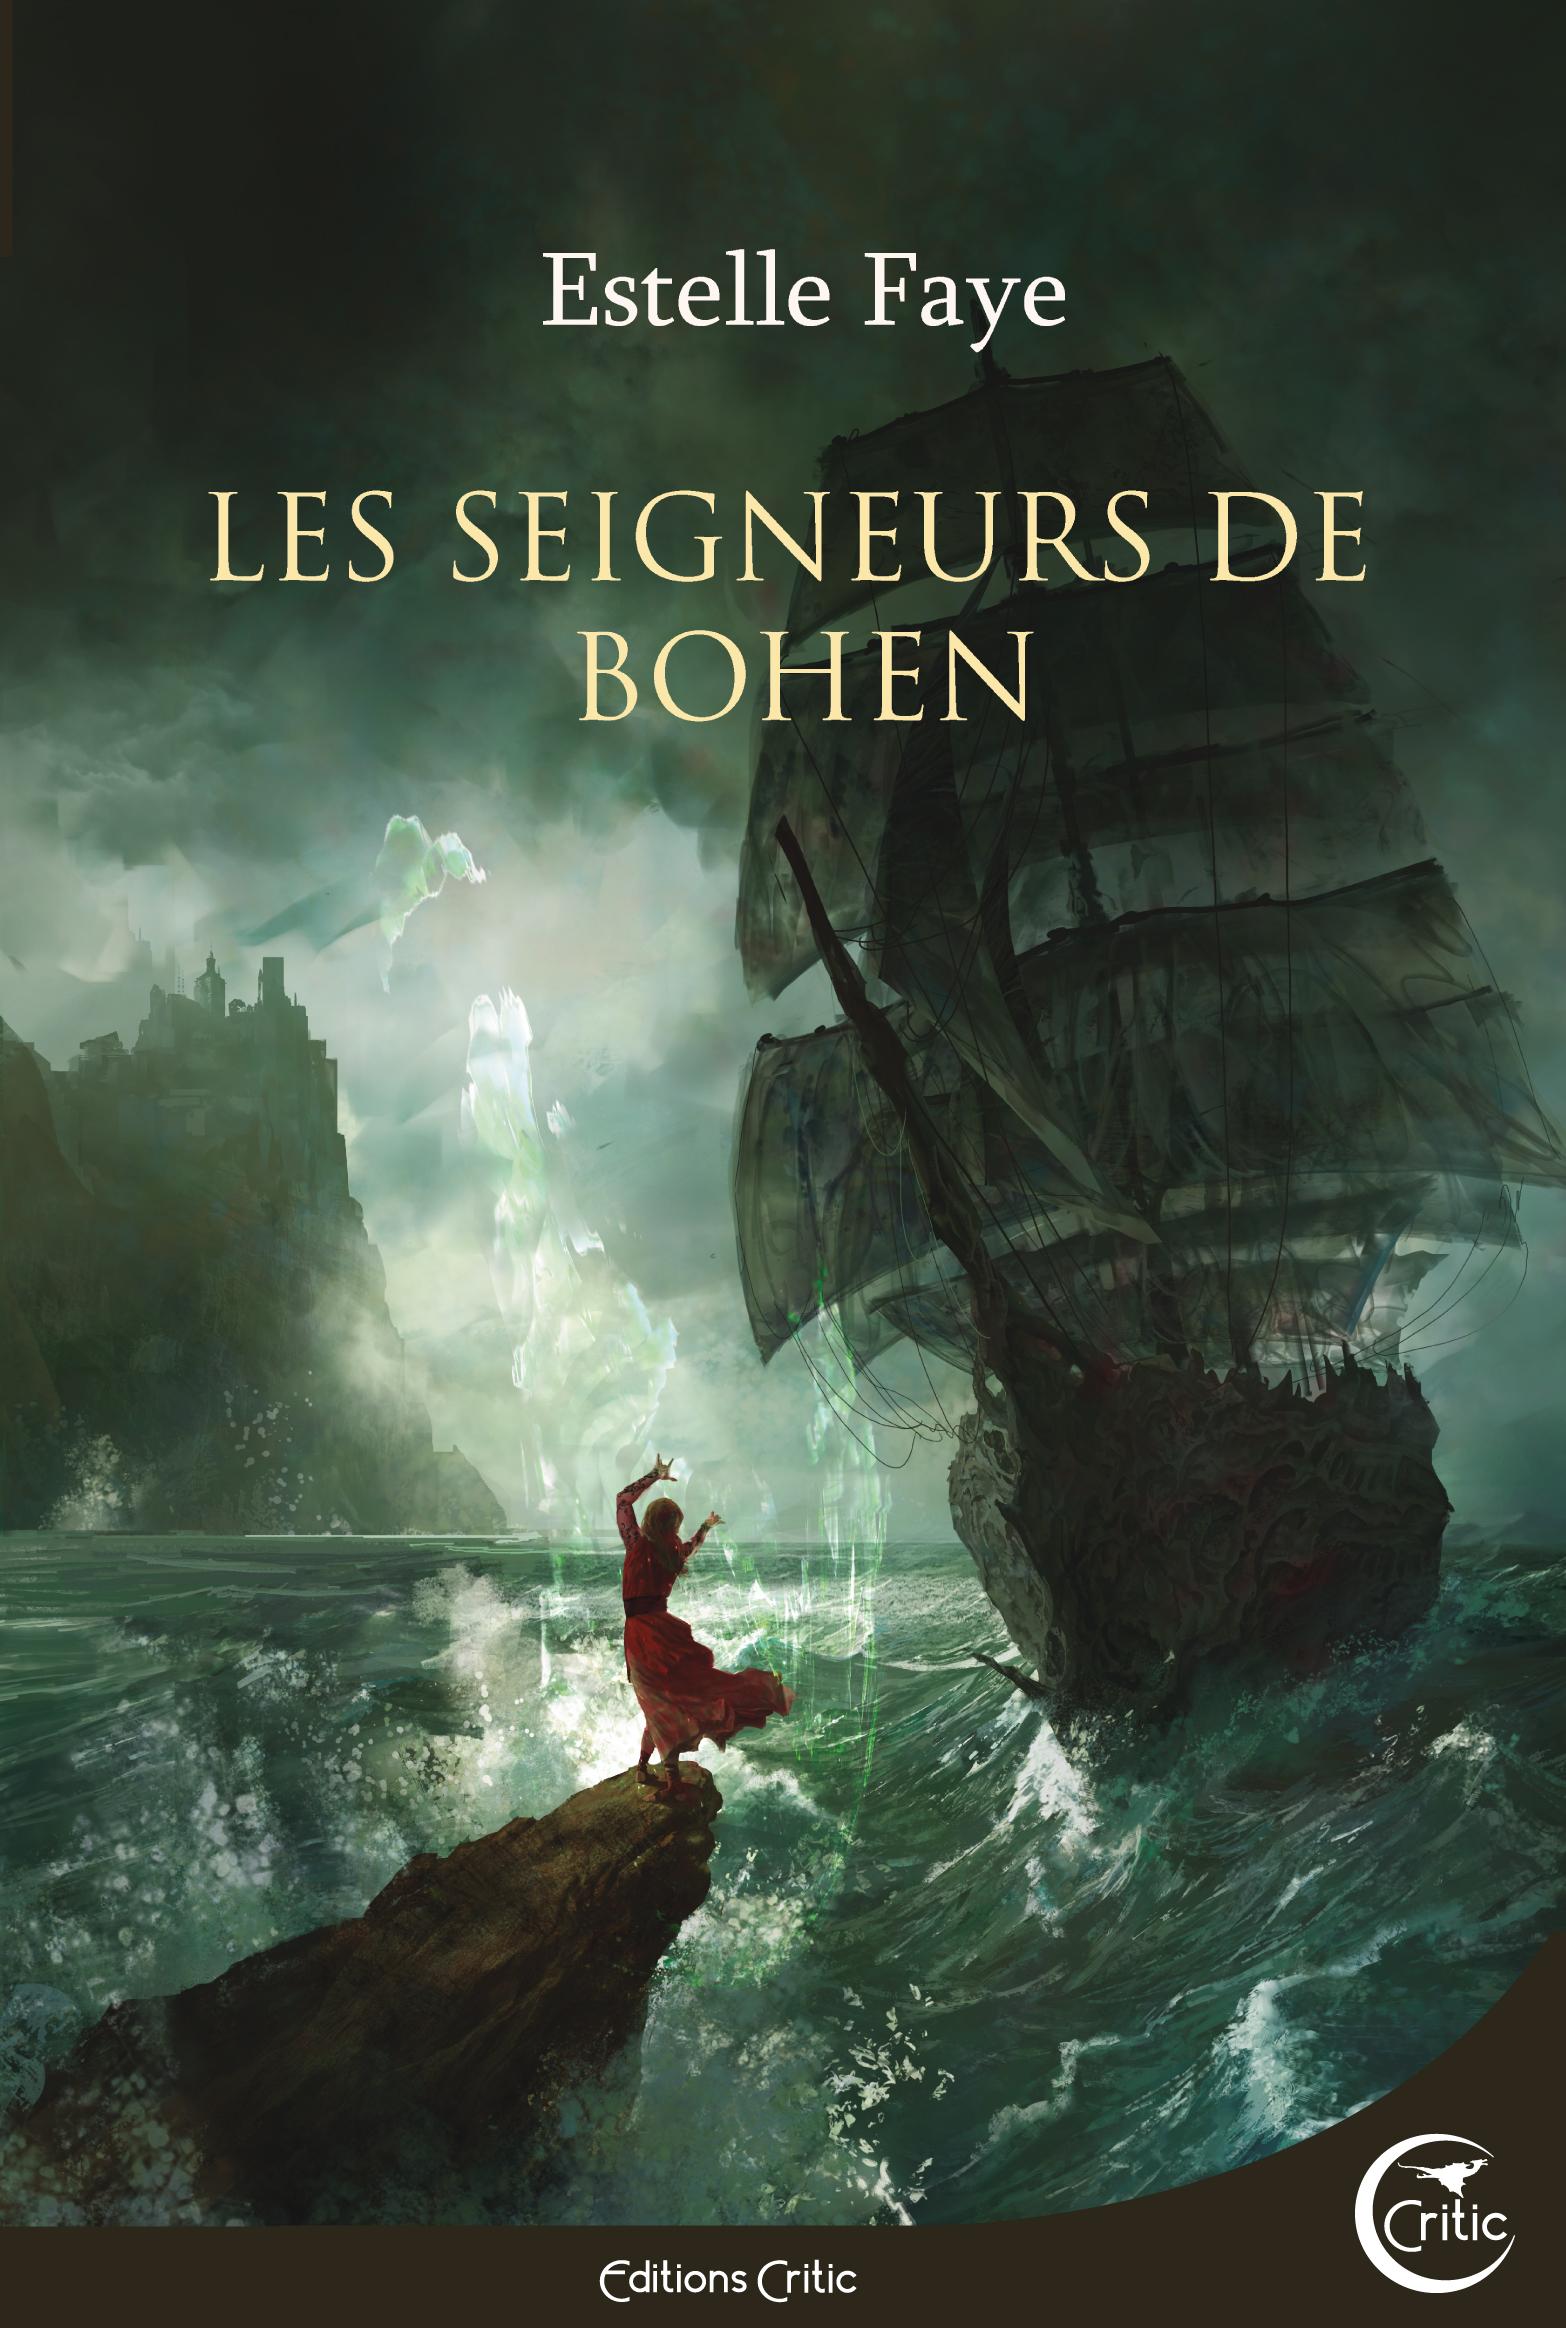 Les Seigneurs de Bohen (Estelle Faye)